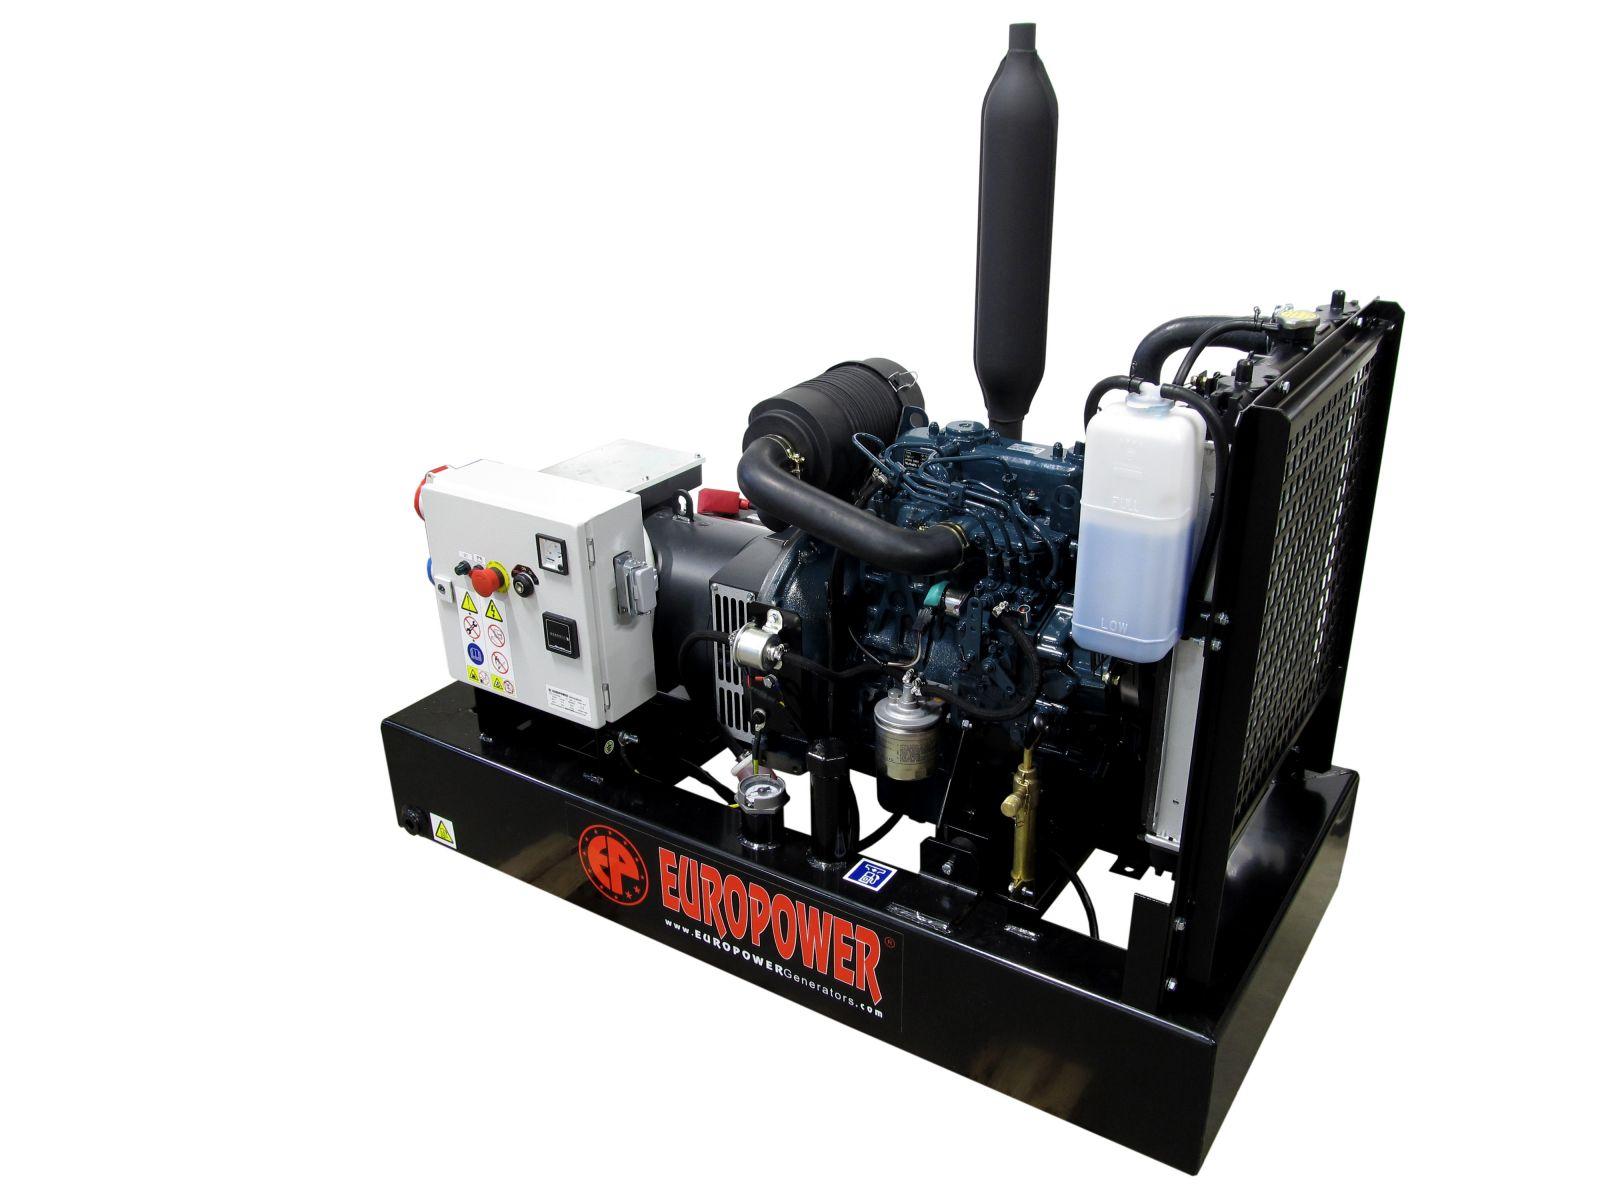 EP83TDE - + ATS výkon 8 kVA, 1. servis a doprava v ceně. Naftová třífázová elektrocentrála Europower